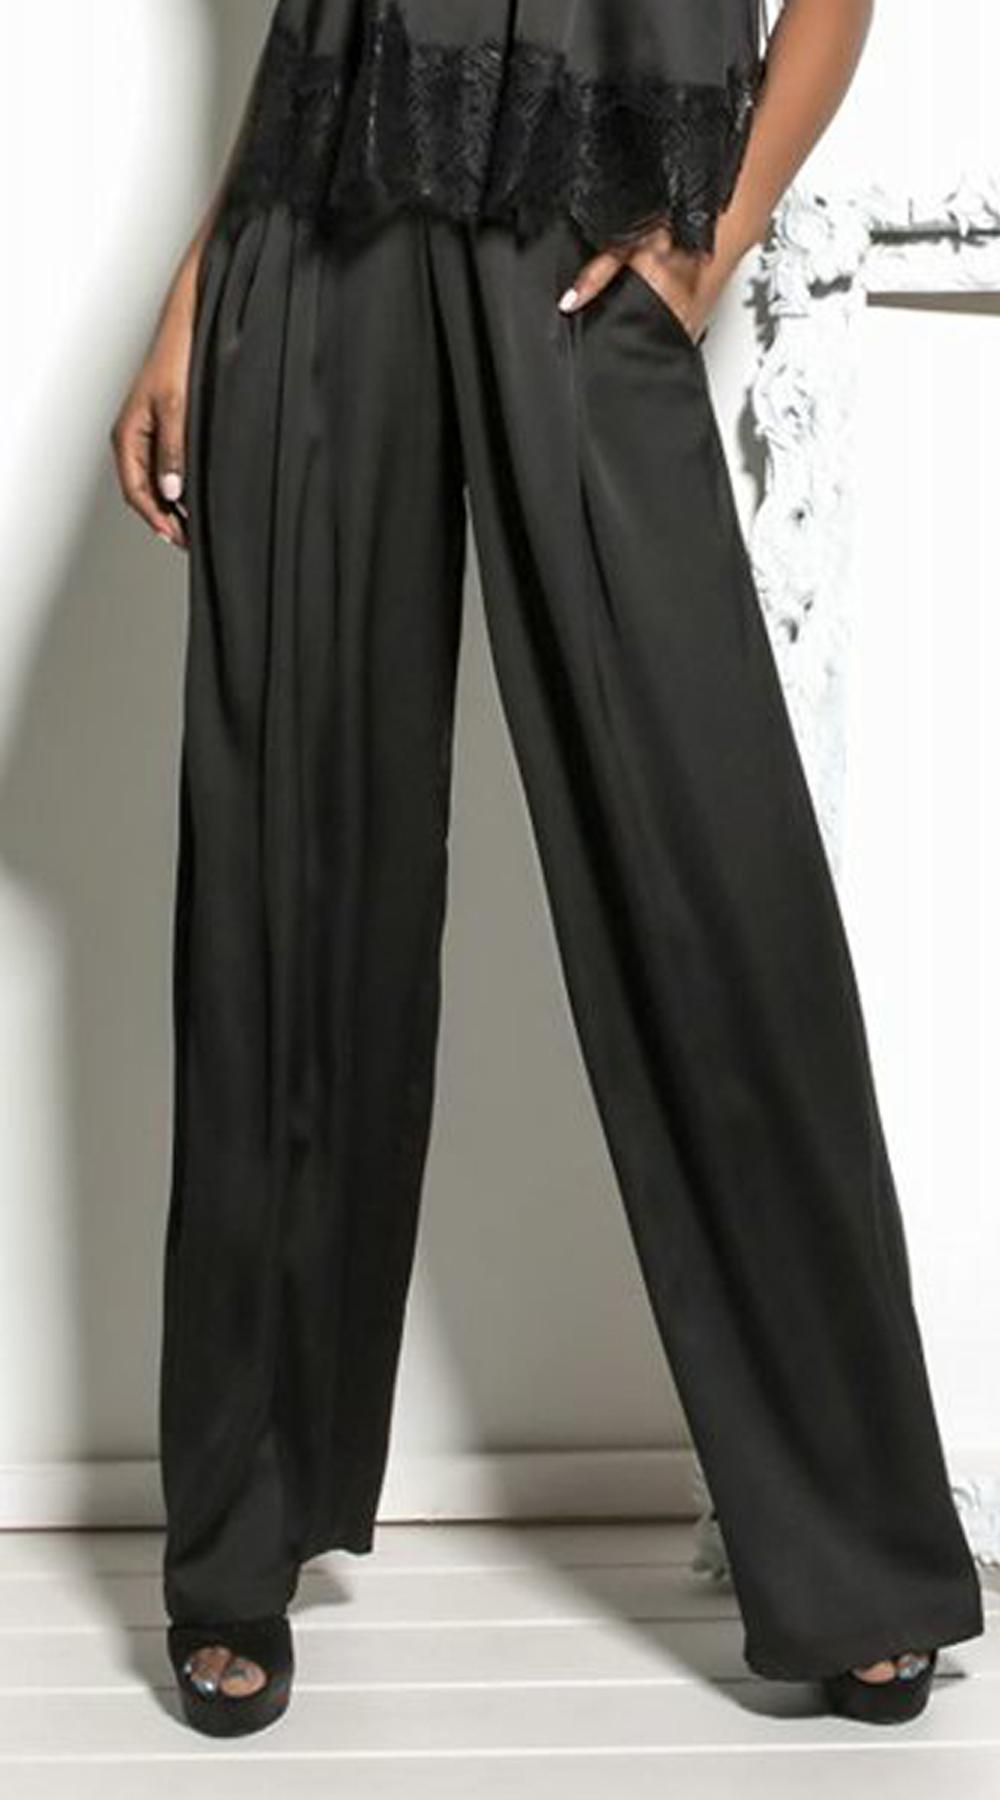 Γυναικεία σατινέ παντελόνα - LOVE ME - FA17LV-40473 top trends office look